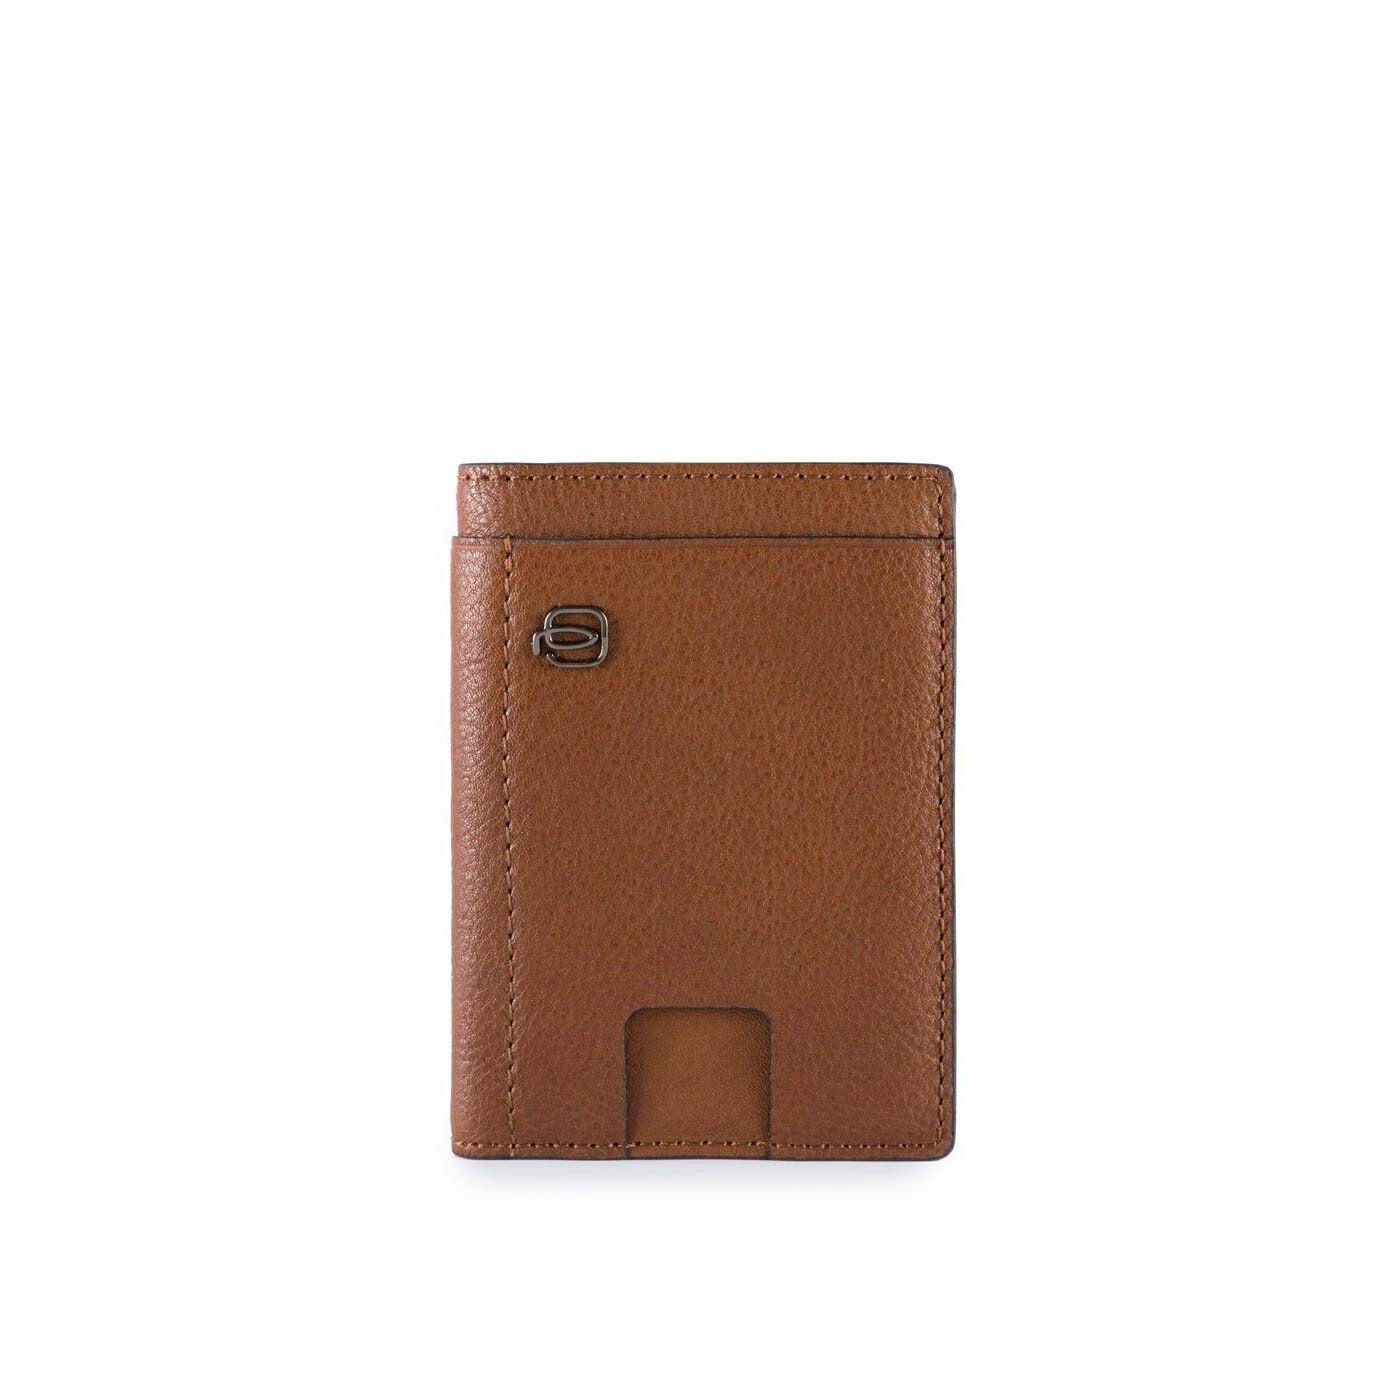 PIQUADRO Black Square portafogli uomo compatto, 6 cc RFID